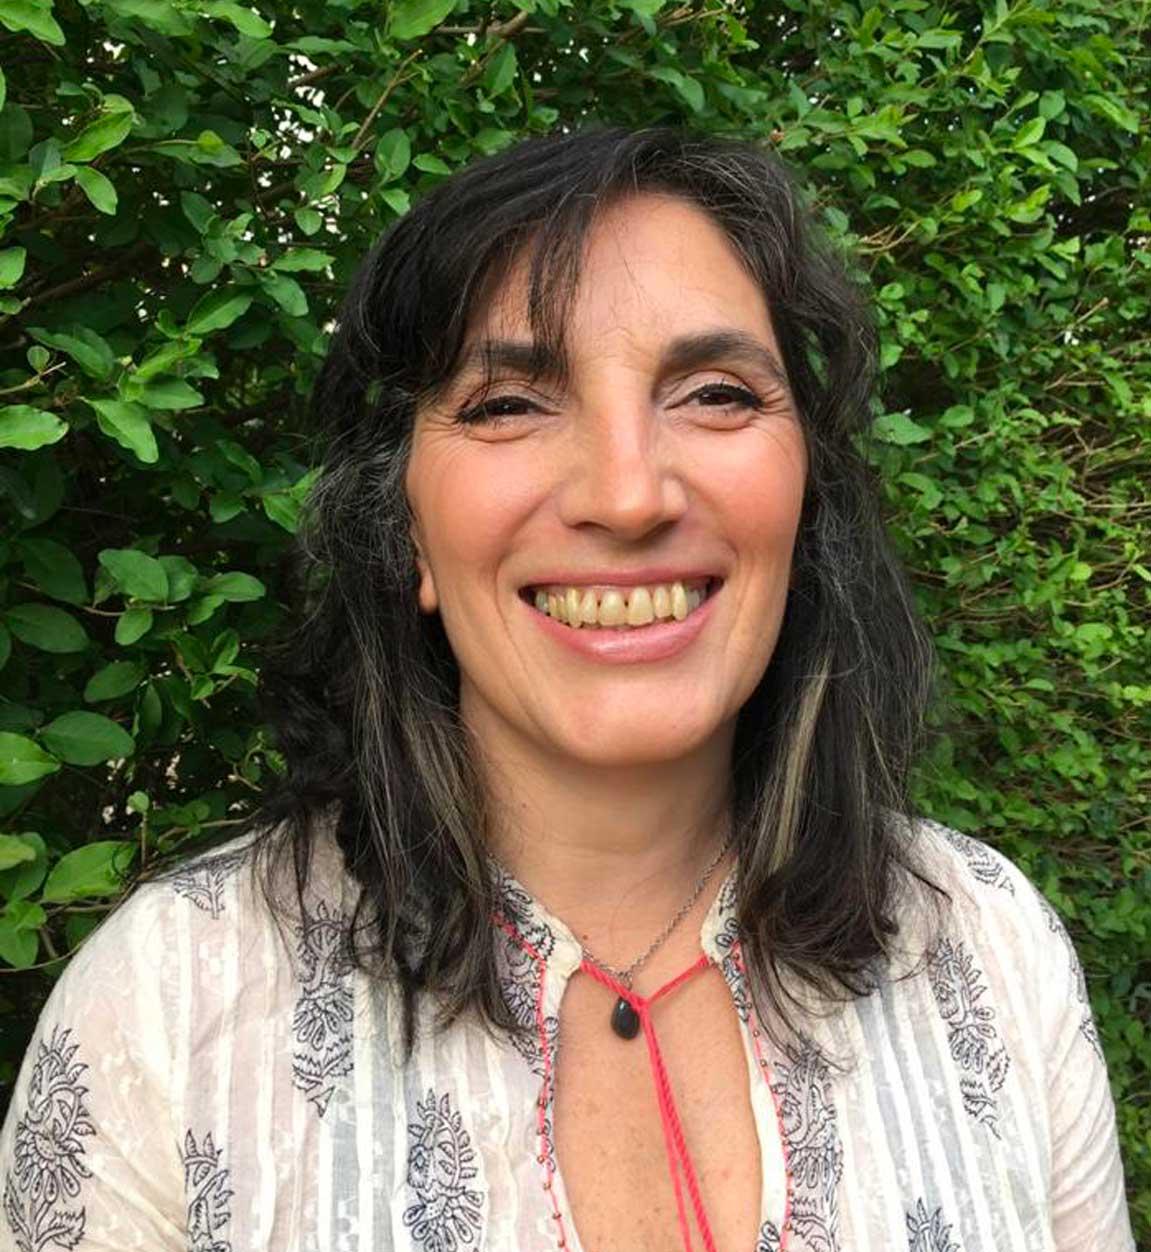 Lic. Lucía Giraudo